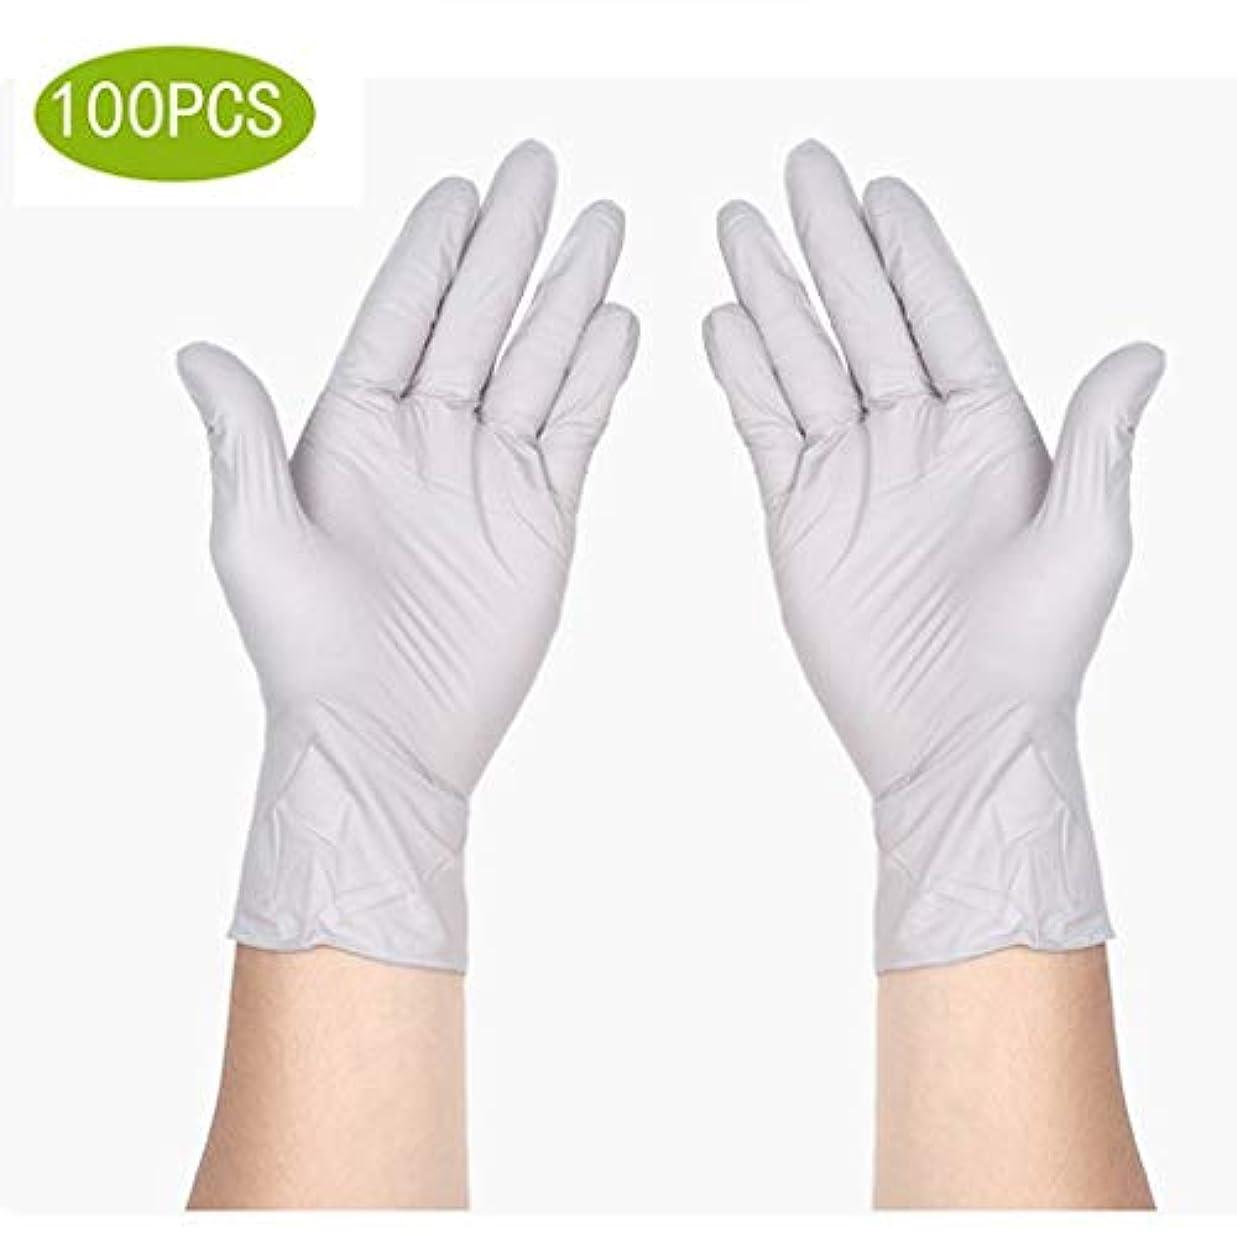 領域体現する周波数サニタリー手袋ニトリル医療グレード試験用手袋、使い捨て、ラテックスフリー、100カウント滅菌使い捨て安全手袋 (Size : L)